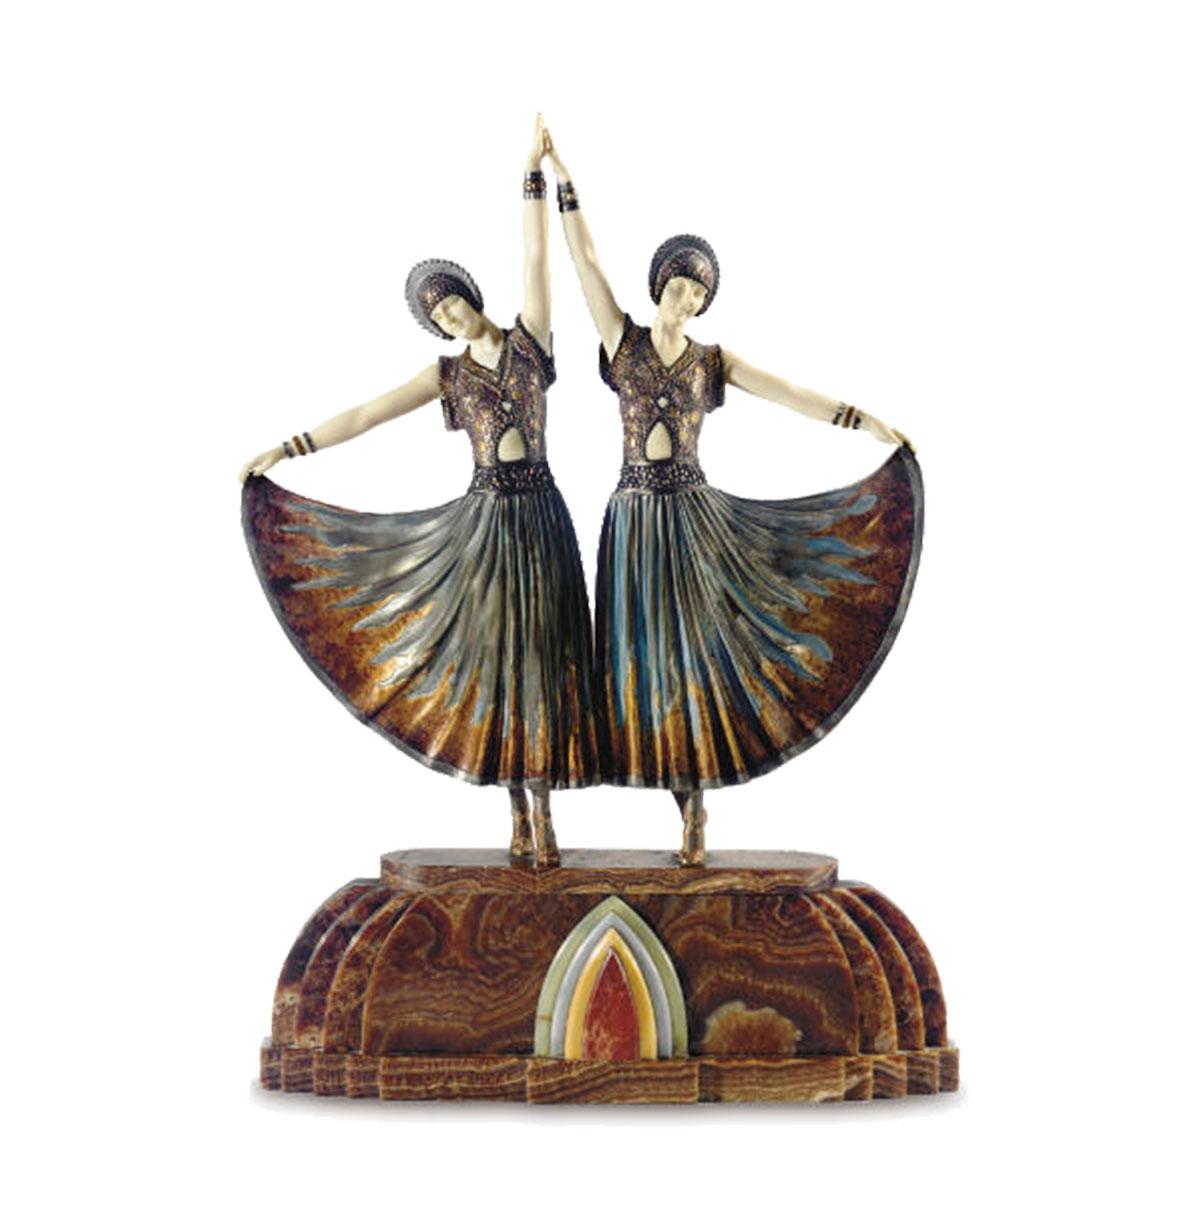 Chiparus chryséléphantine bronze et ivoire art déco, scuplture art deco, bronze, ivoire et onyx, statuette danseuses,.